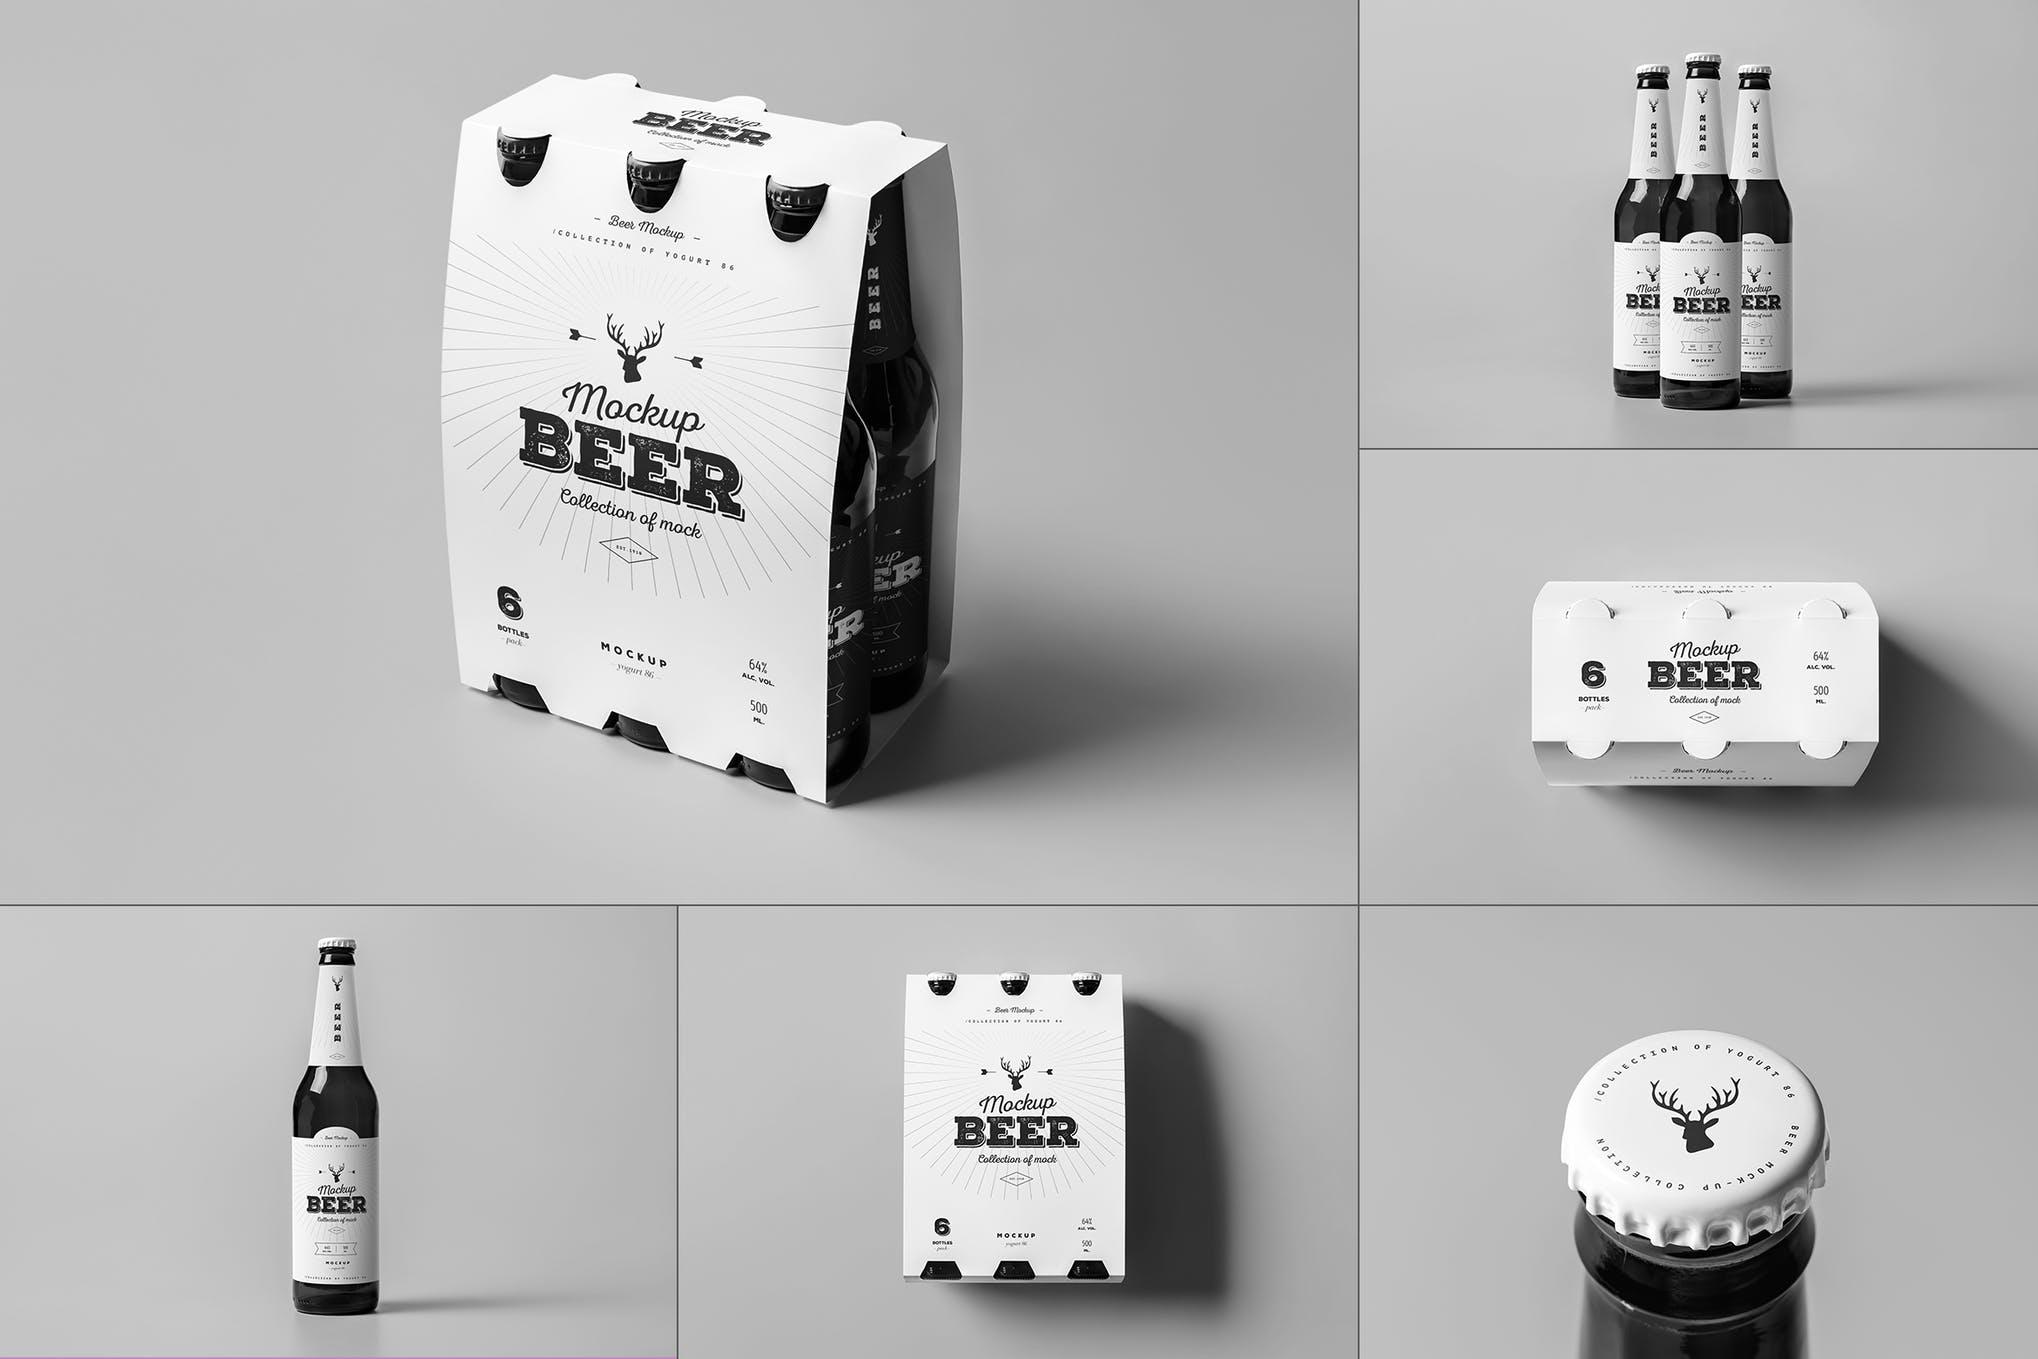 半打装啤酒瓶包装插图(1)